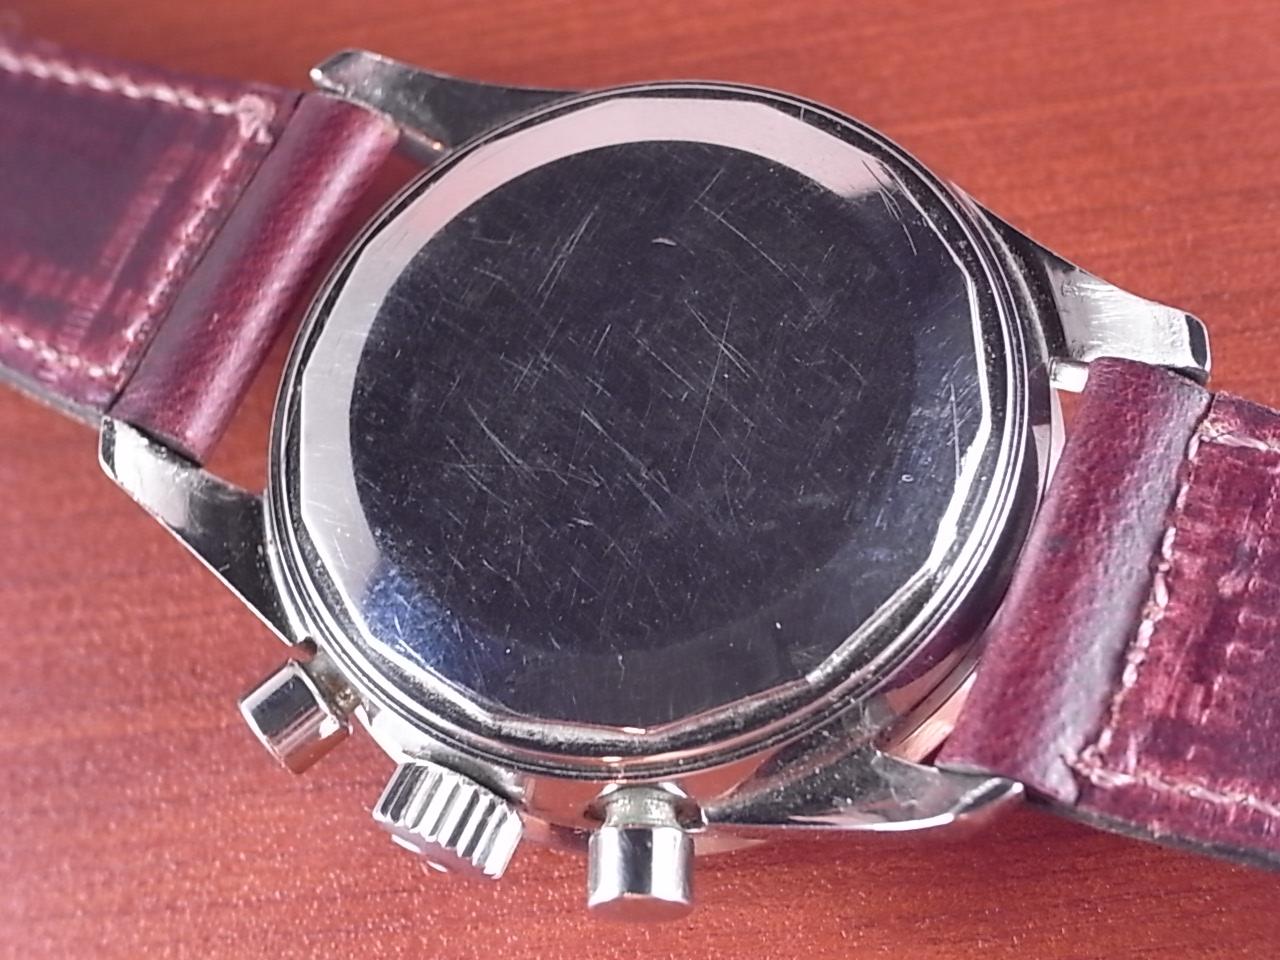 ユニバーサル トリコンパックス ブラックダイアル Ref.88110/02 1960年代の写真4枚目